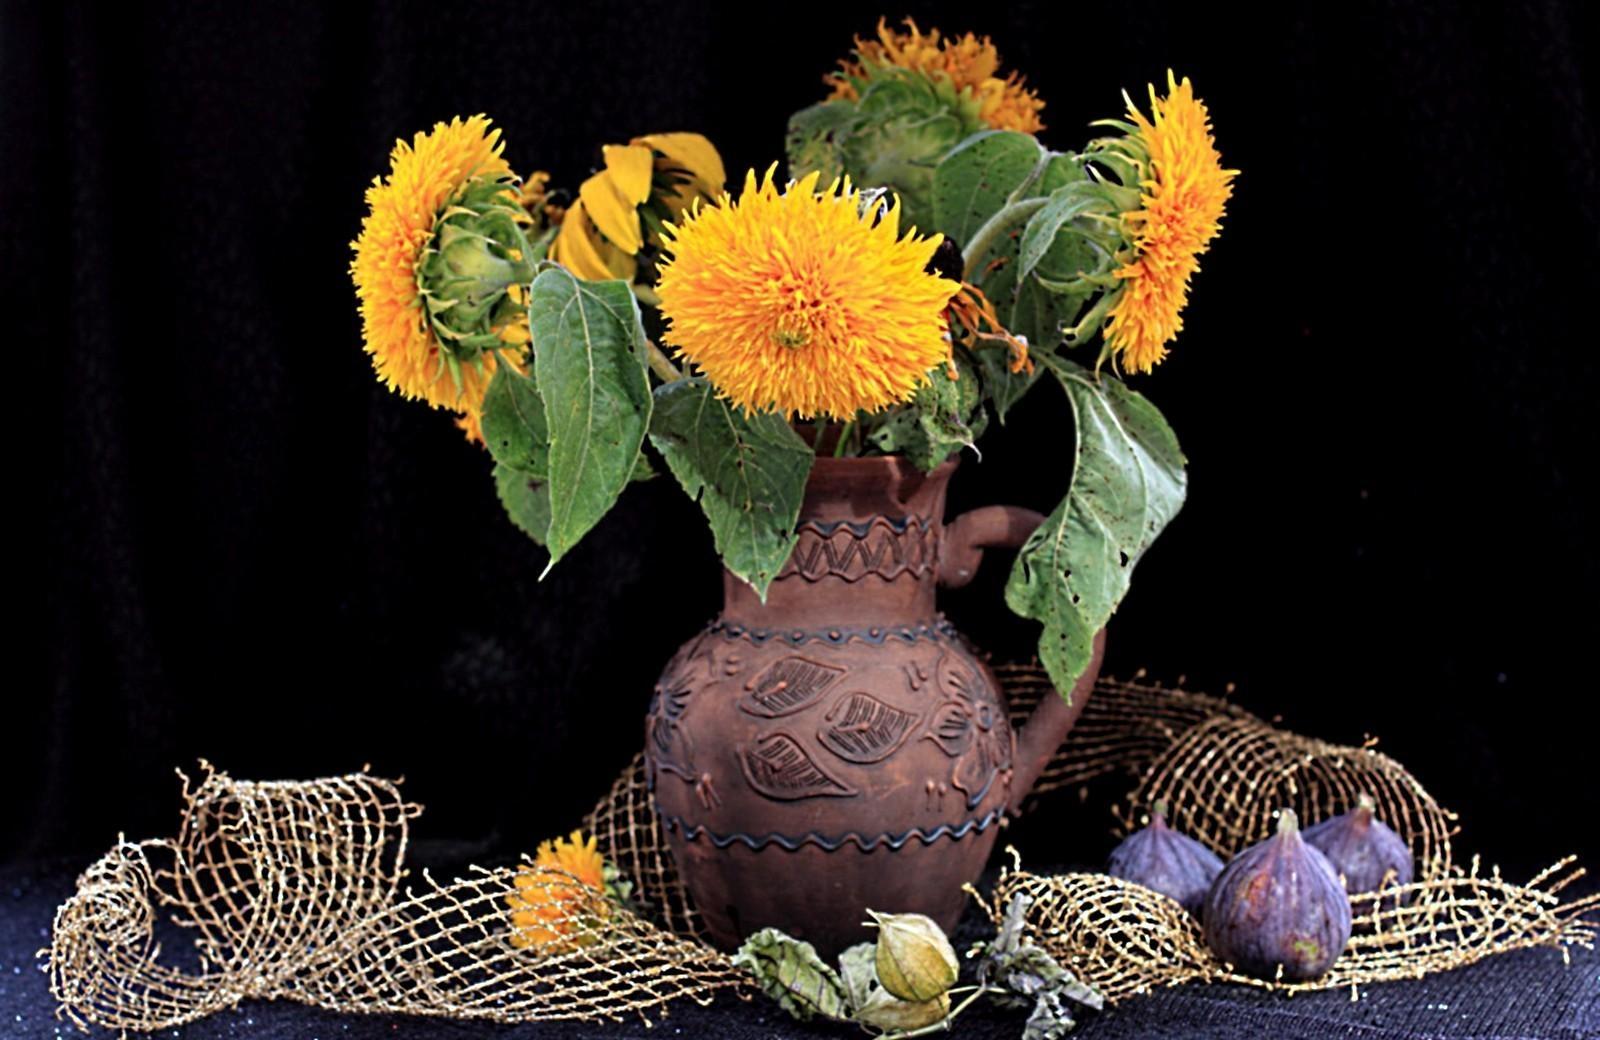 Masaüstü Boyama çiçekler Sarı Kafes Fizikal Sanat çiçek